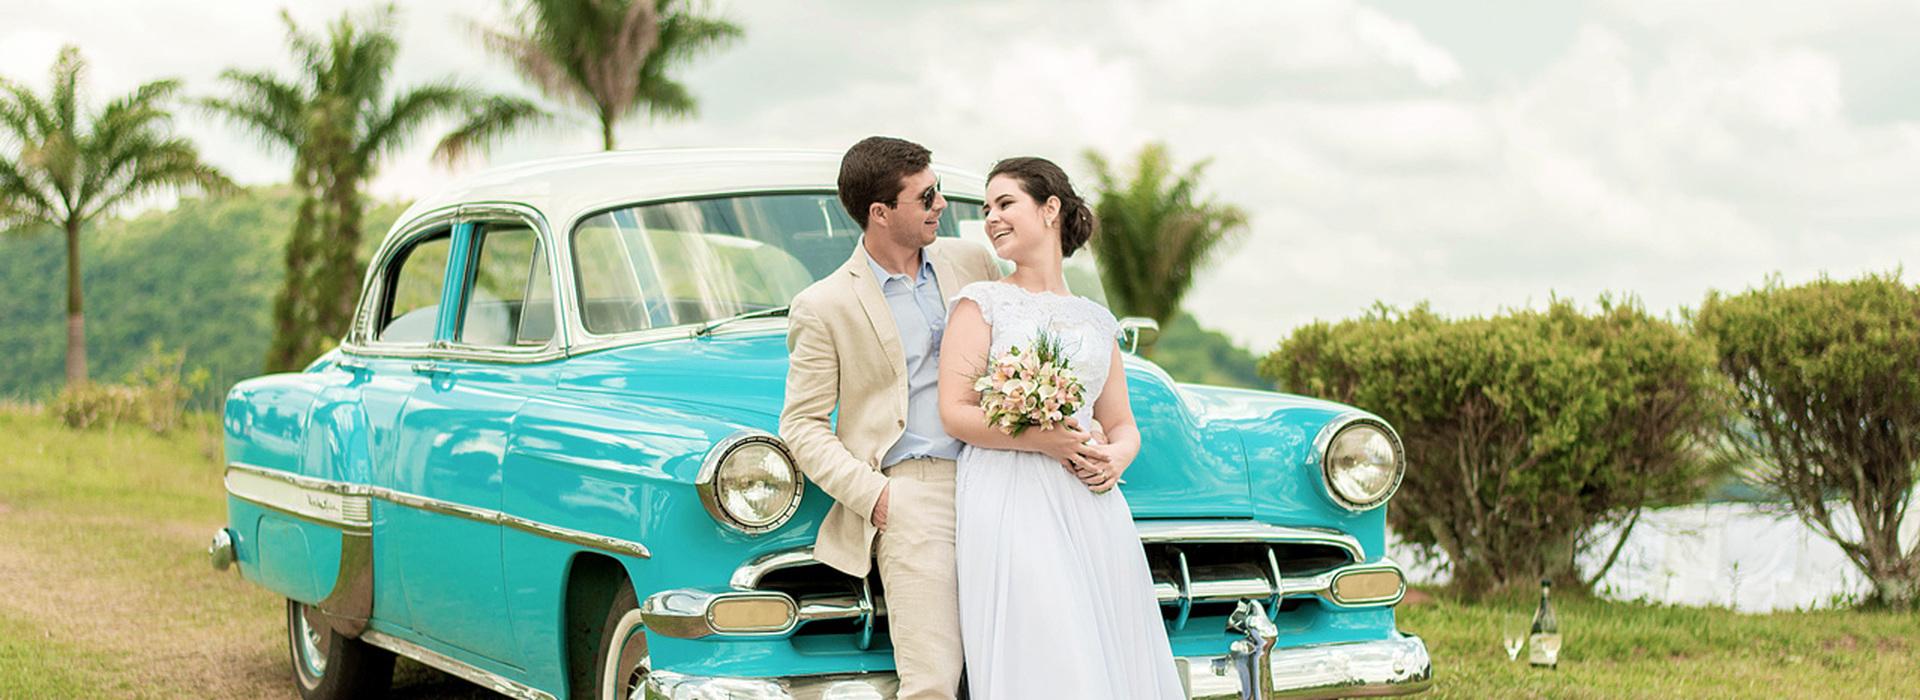 Casamento de Isadora e Leandro em Monte Sião, MG